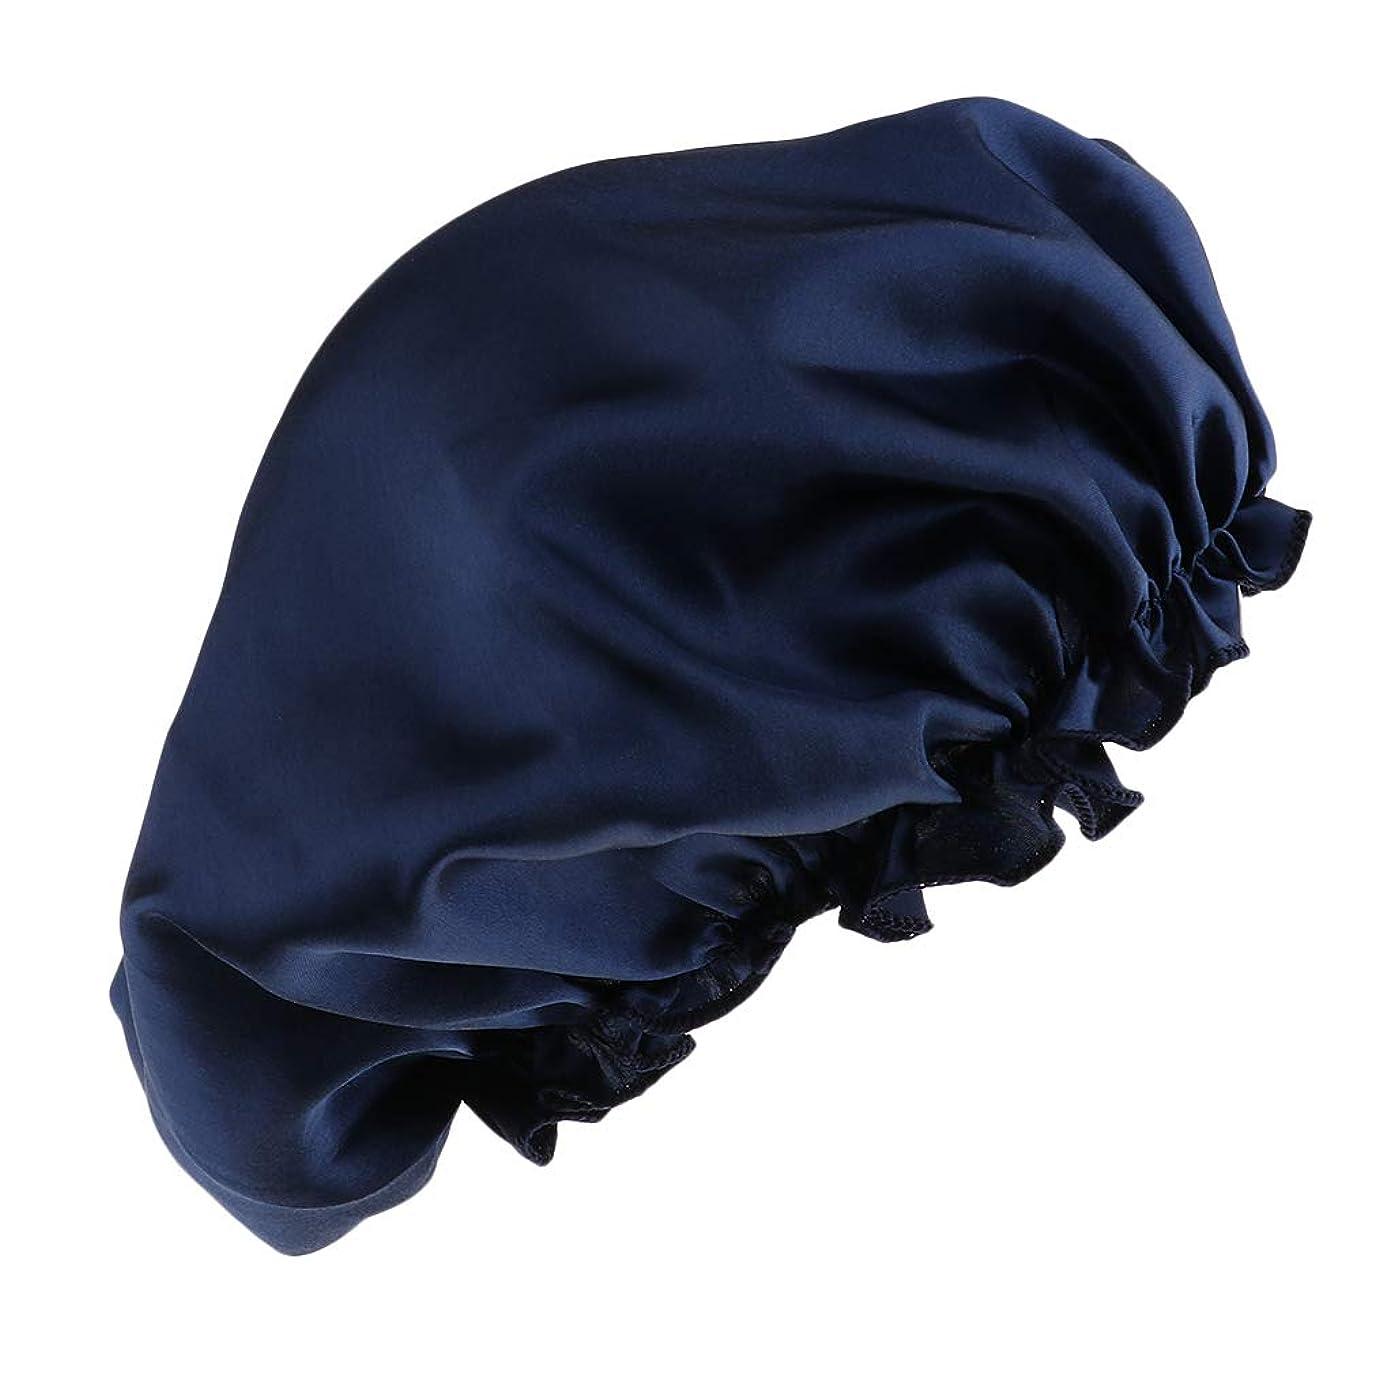 氷スコットランド人形容詞FLAMEER シャワーキャップ シルクサテンキャップ シルクサテン帽子 美容ヘッドカバー 浴用帽子 全8色 - 紺